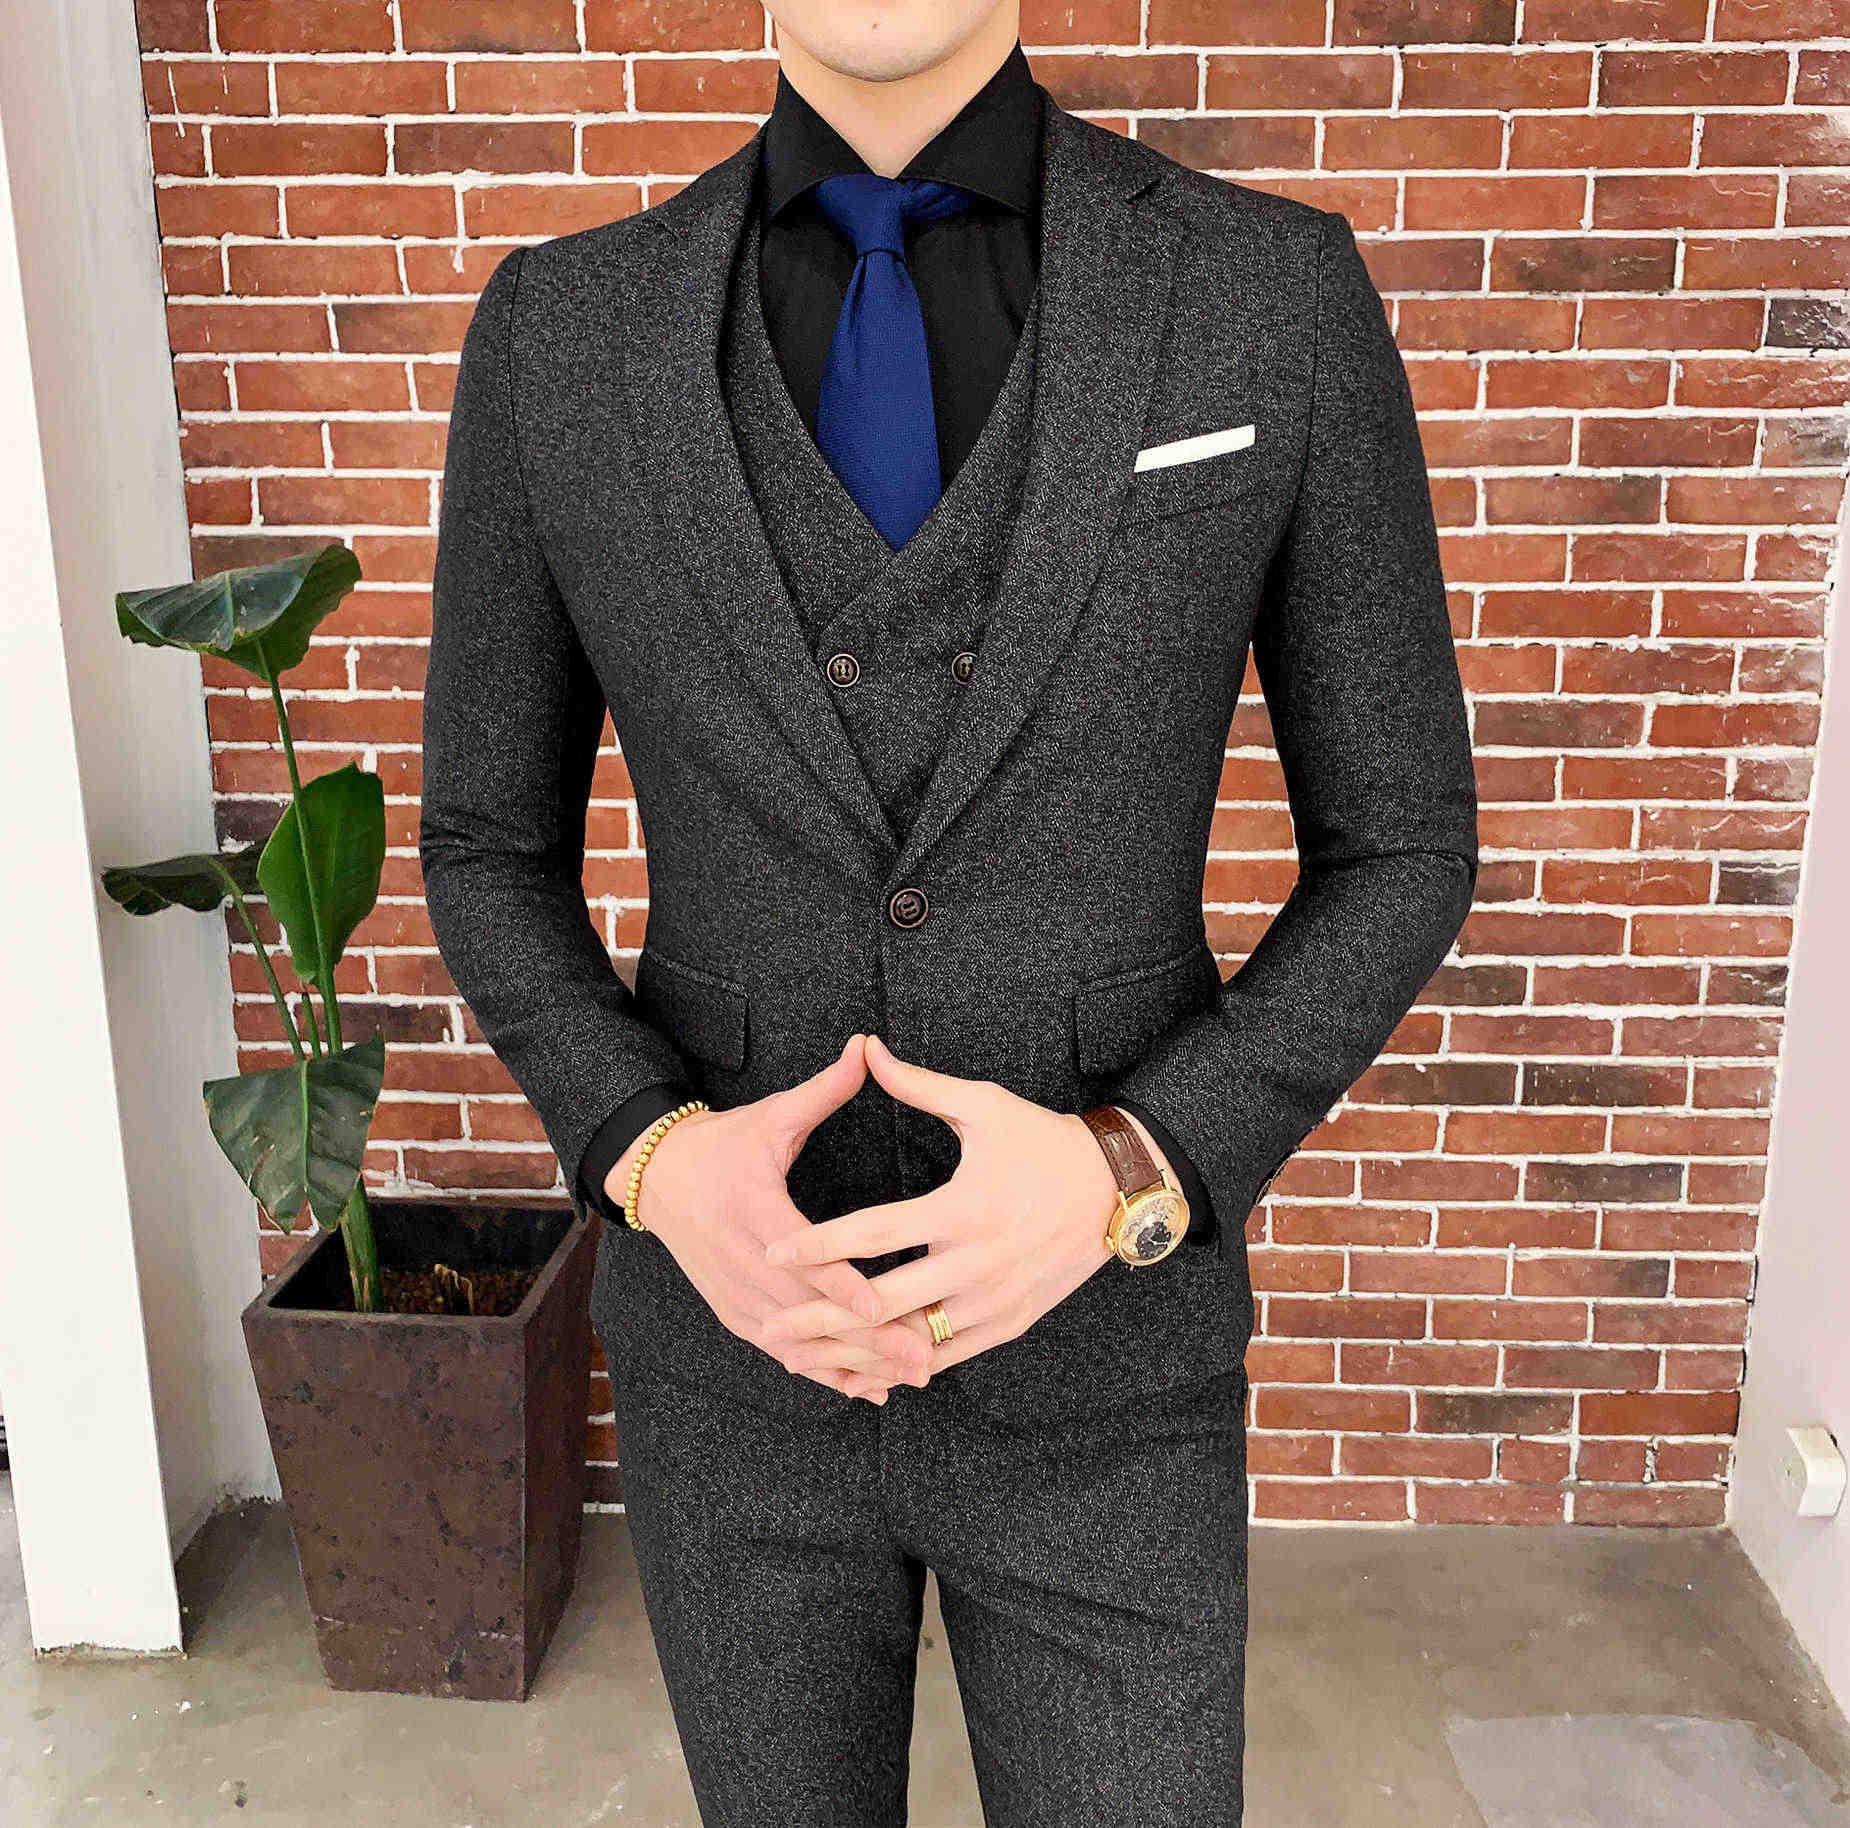 Brown espinha de peixe terno designer traje mariage homme ternos de festa smoking noivo casamento homem suittrajes para festa 6xl